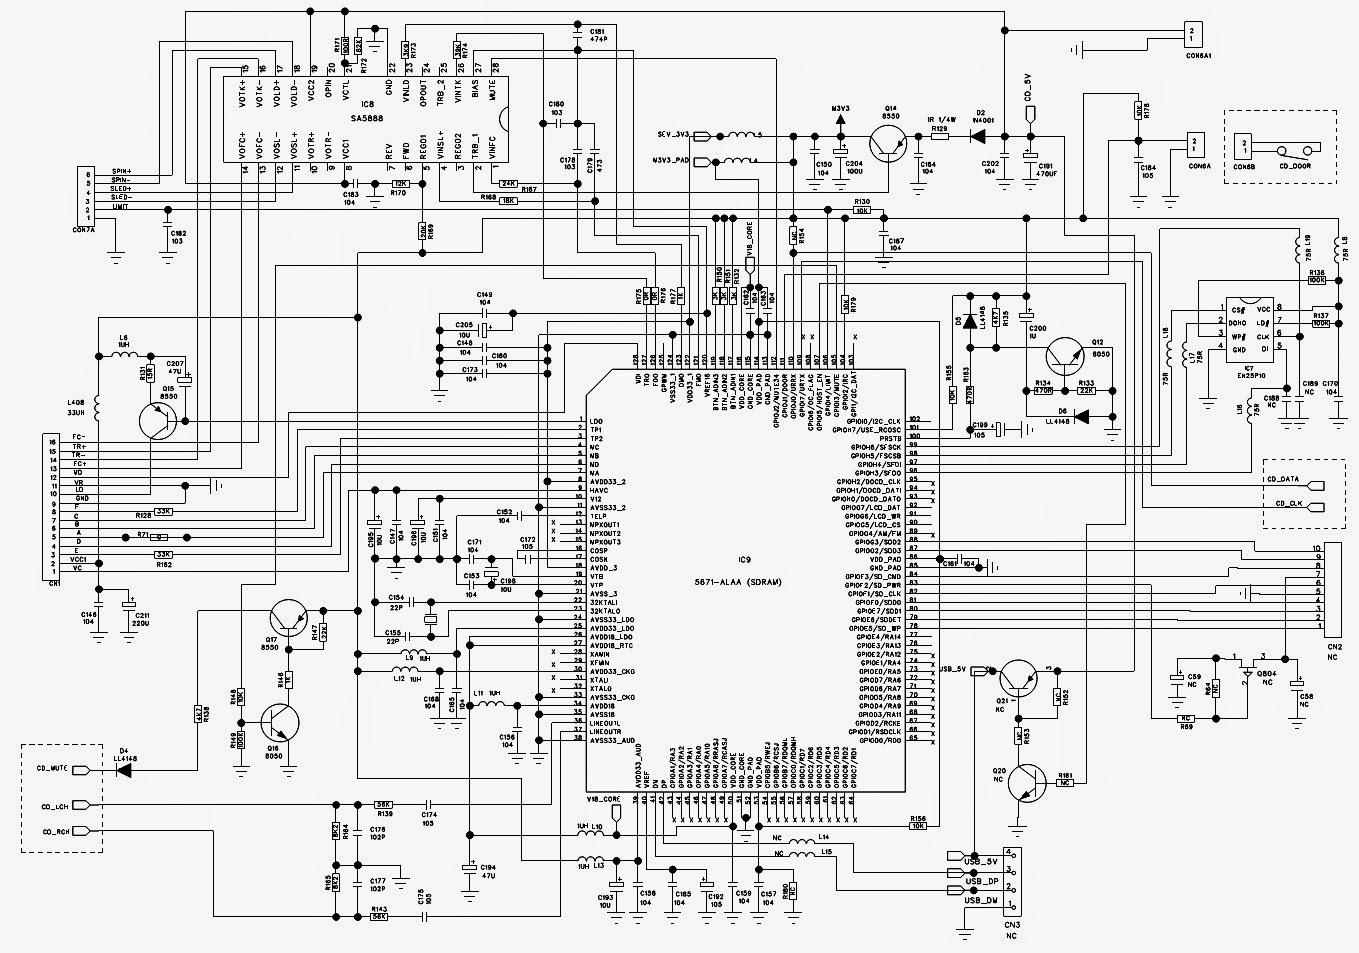 MC-261 - MICRO-SYSTEM